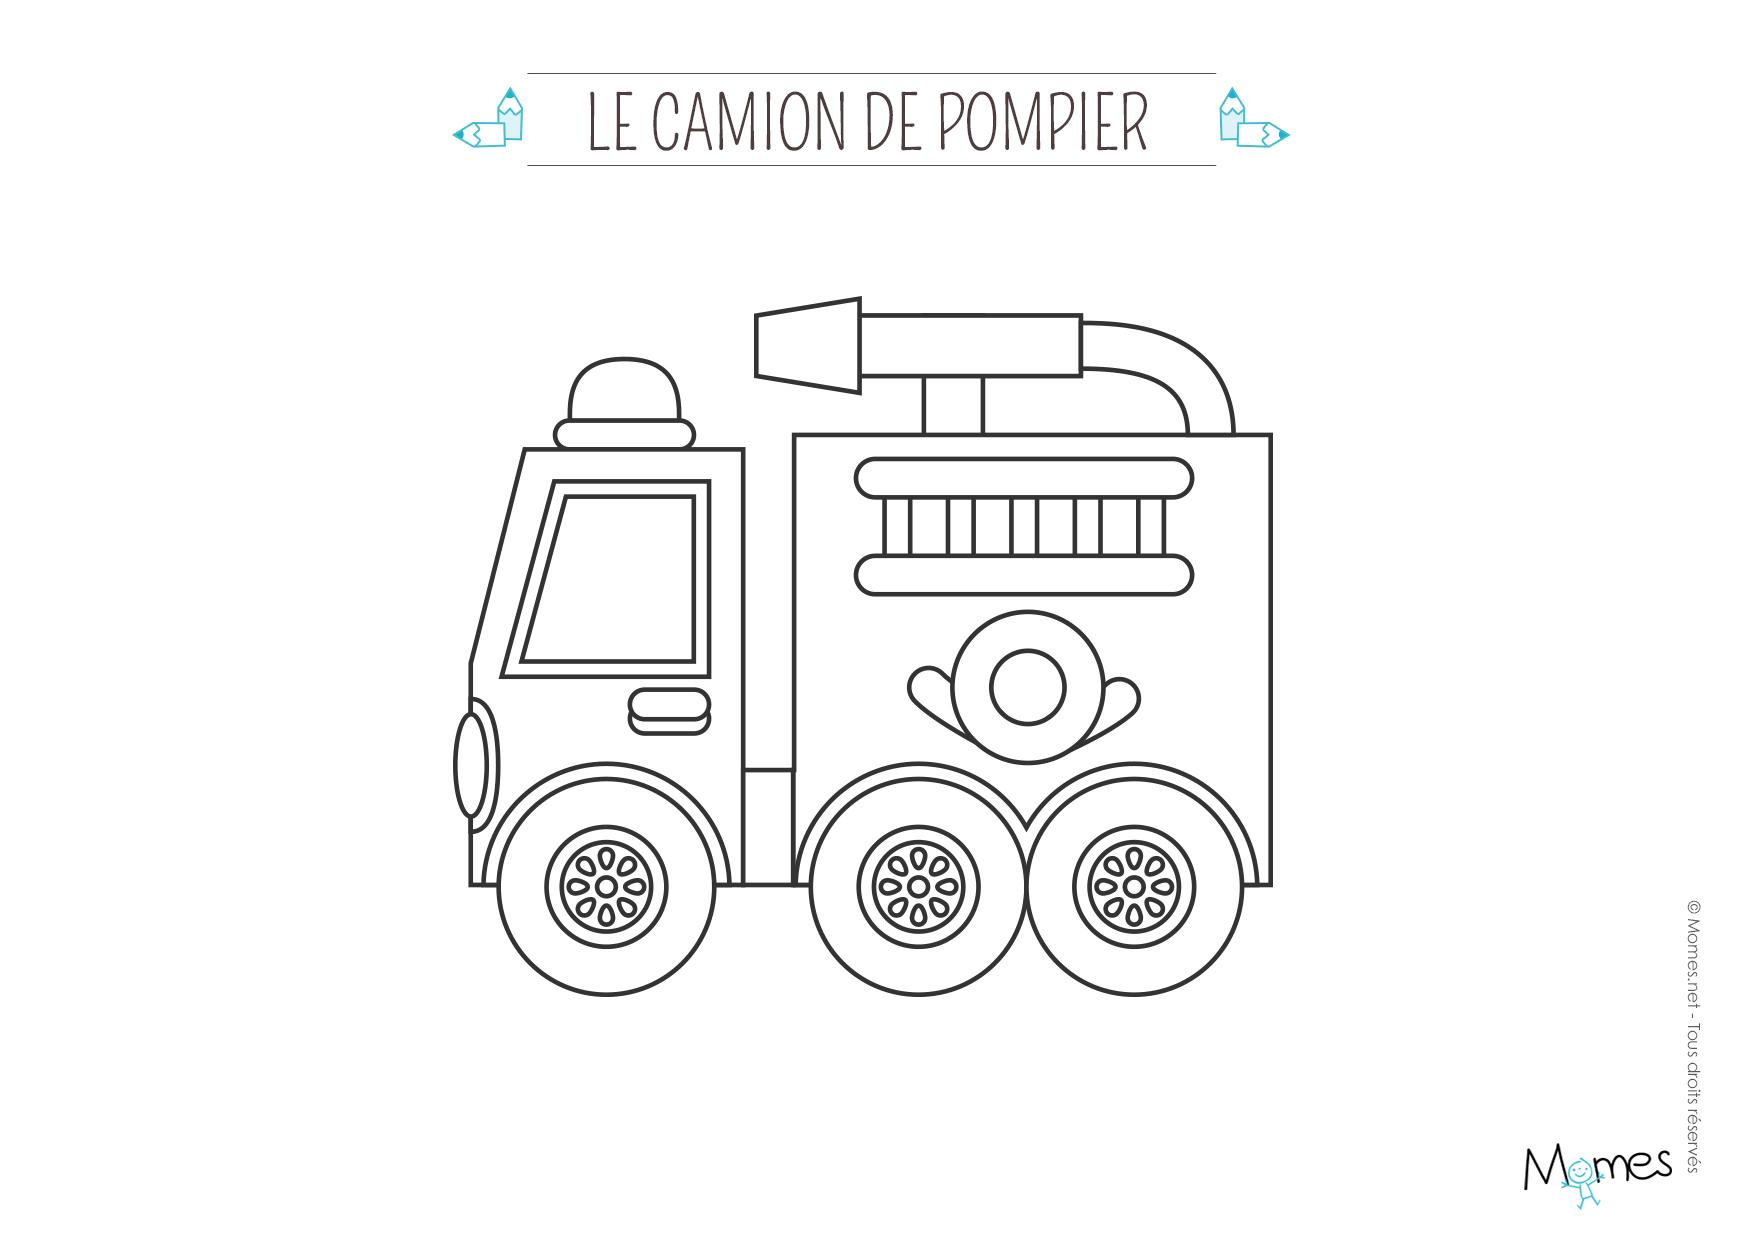 Coloriage Le Camion De Pompier - Momes dedans Dessin Pompier A Imprimer